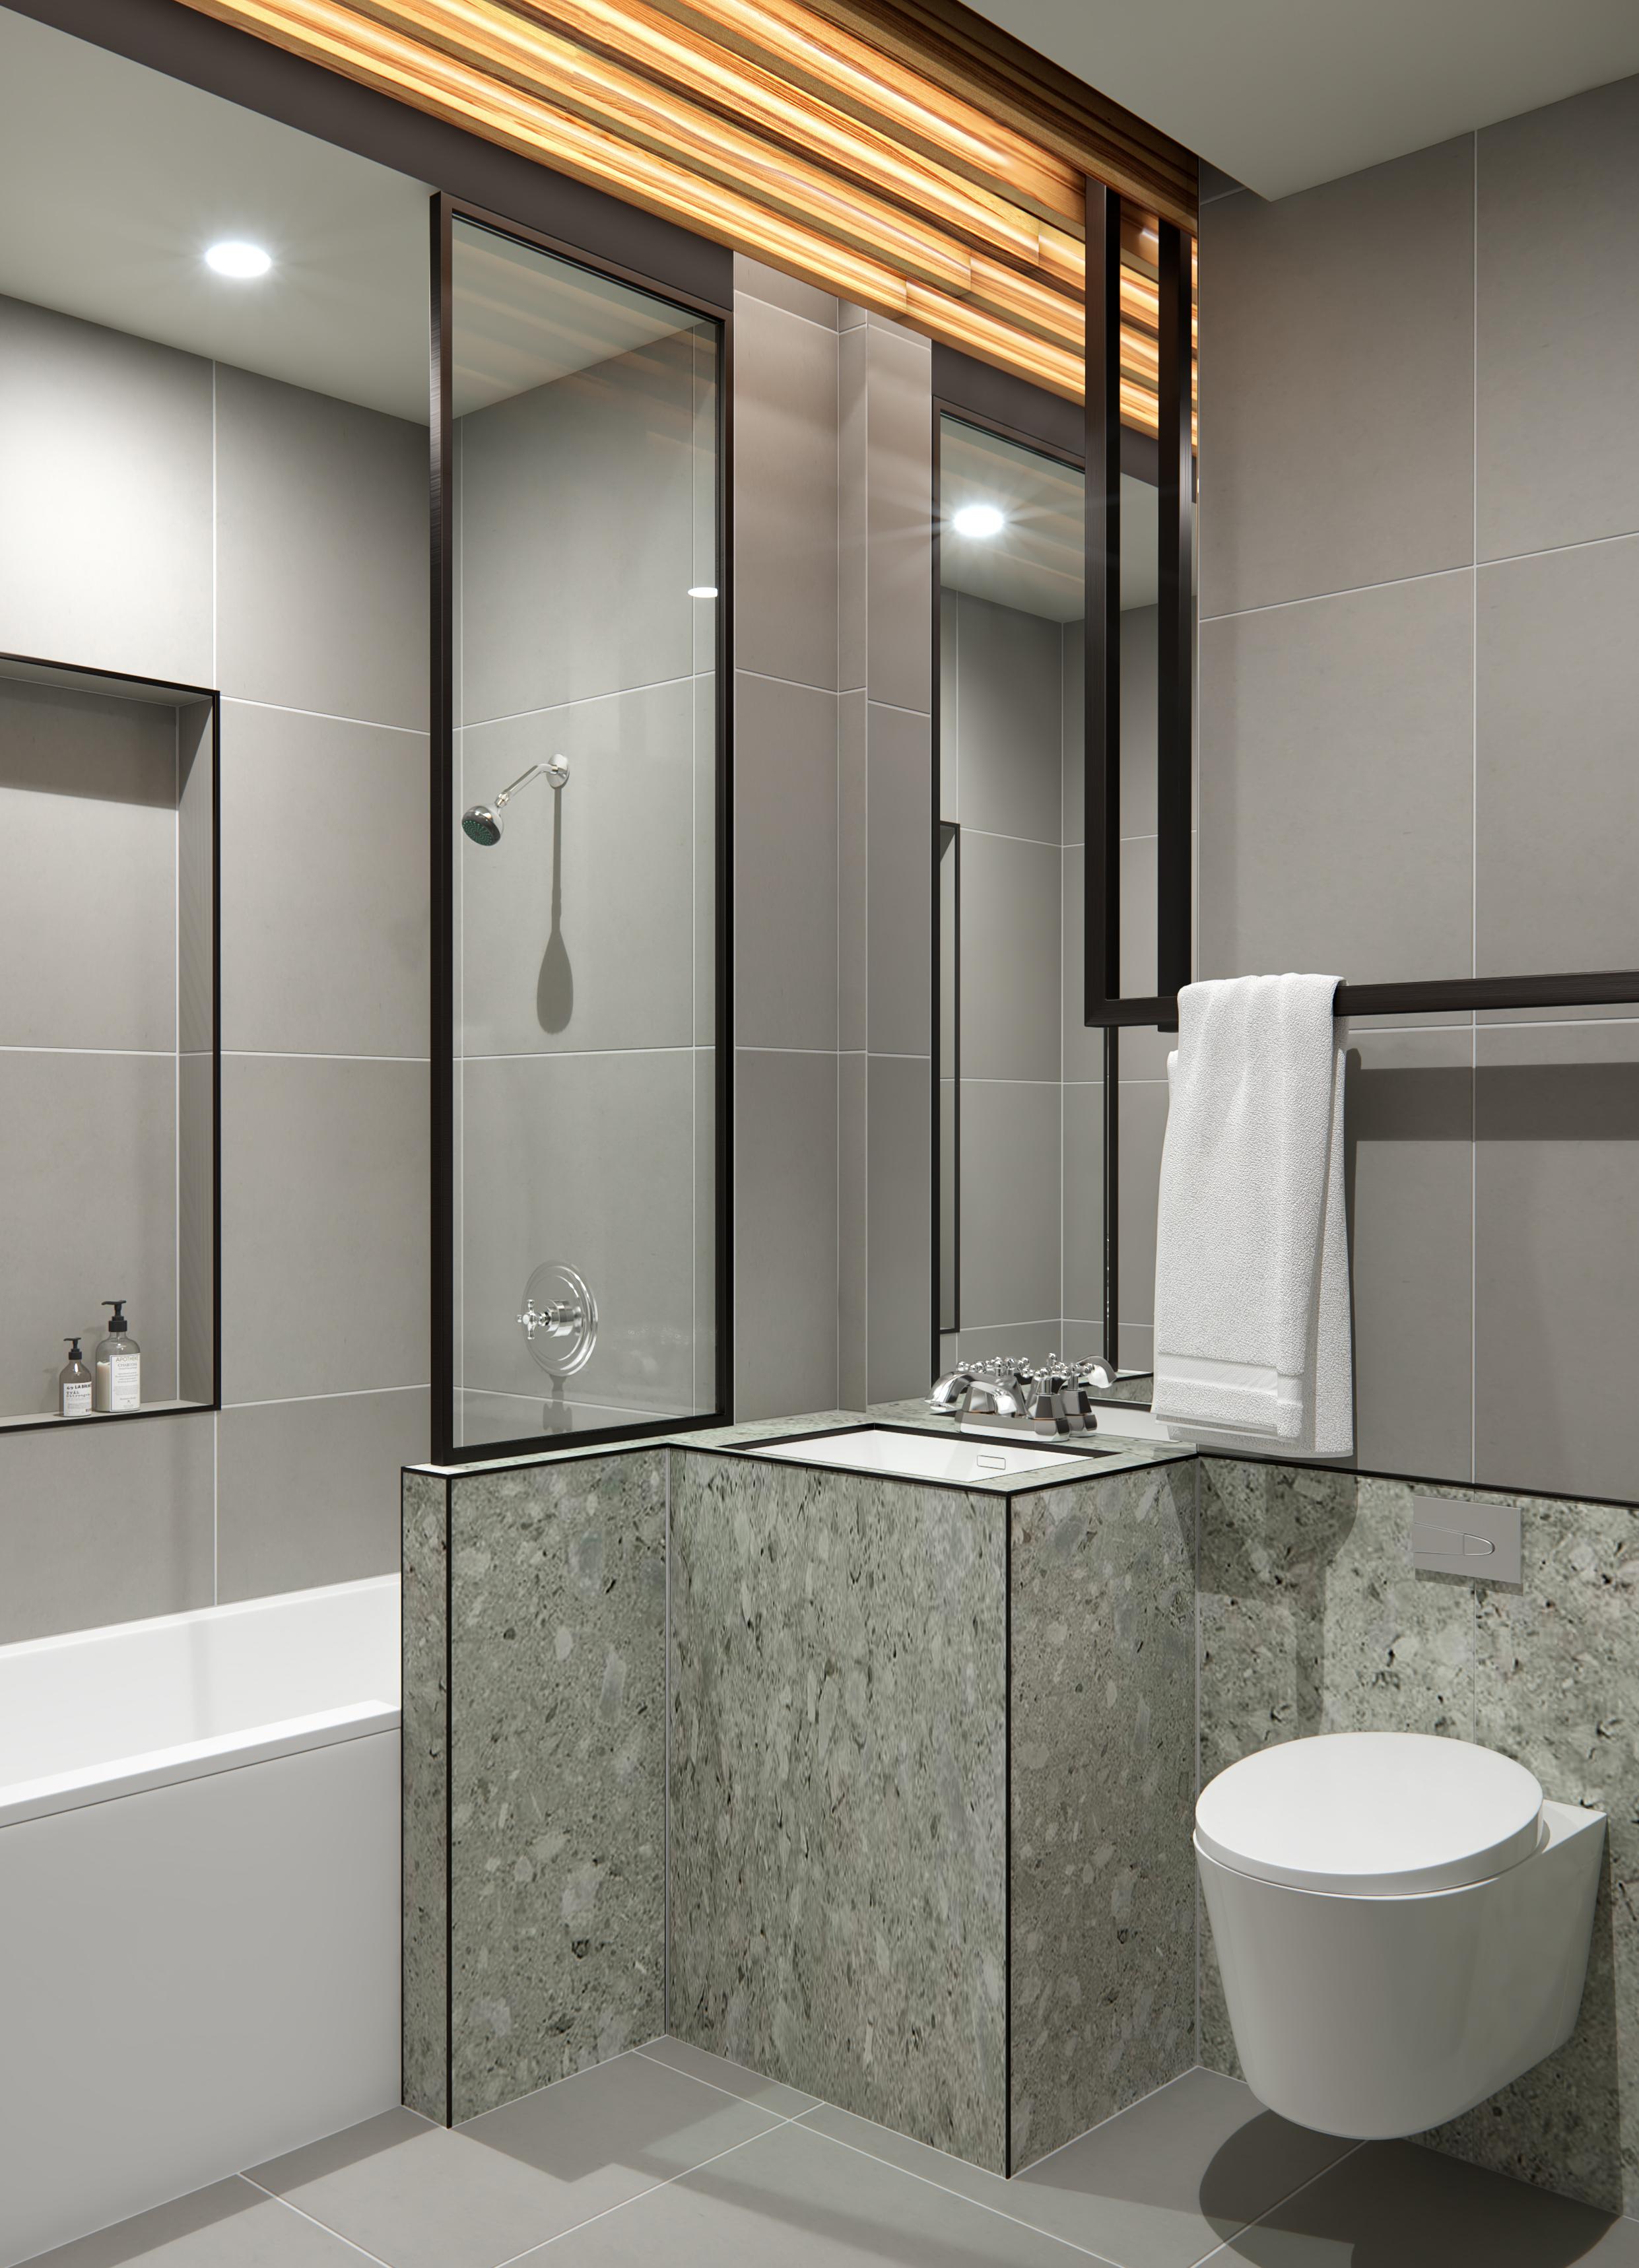 24_1205 Broadway Bath 3.jpg